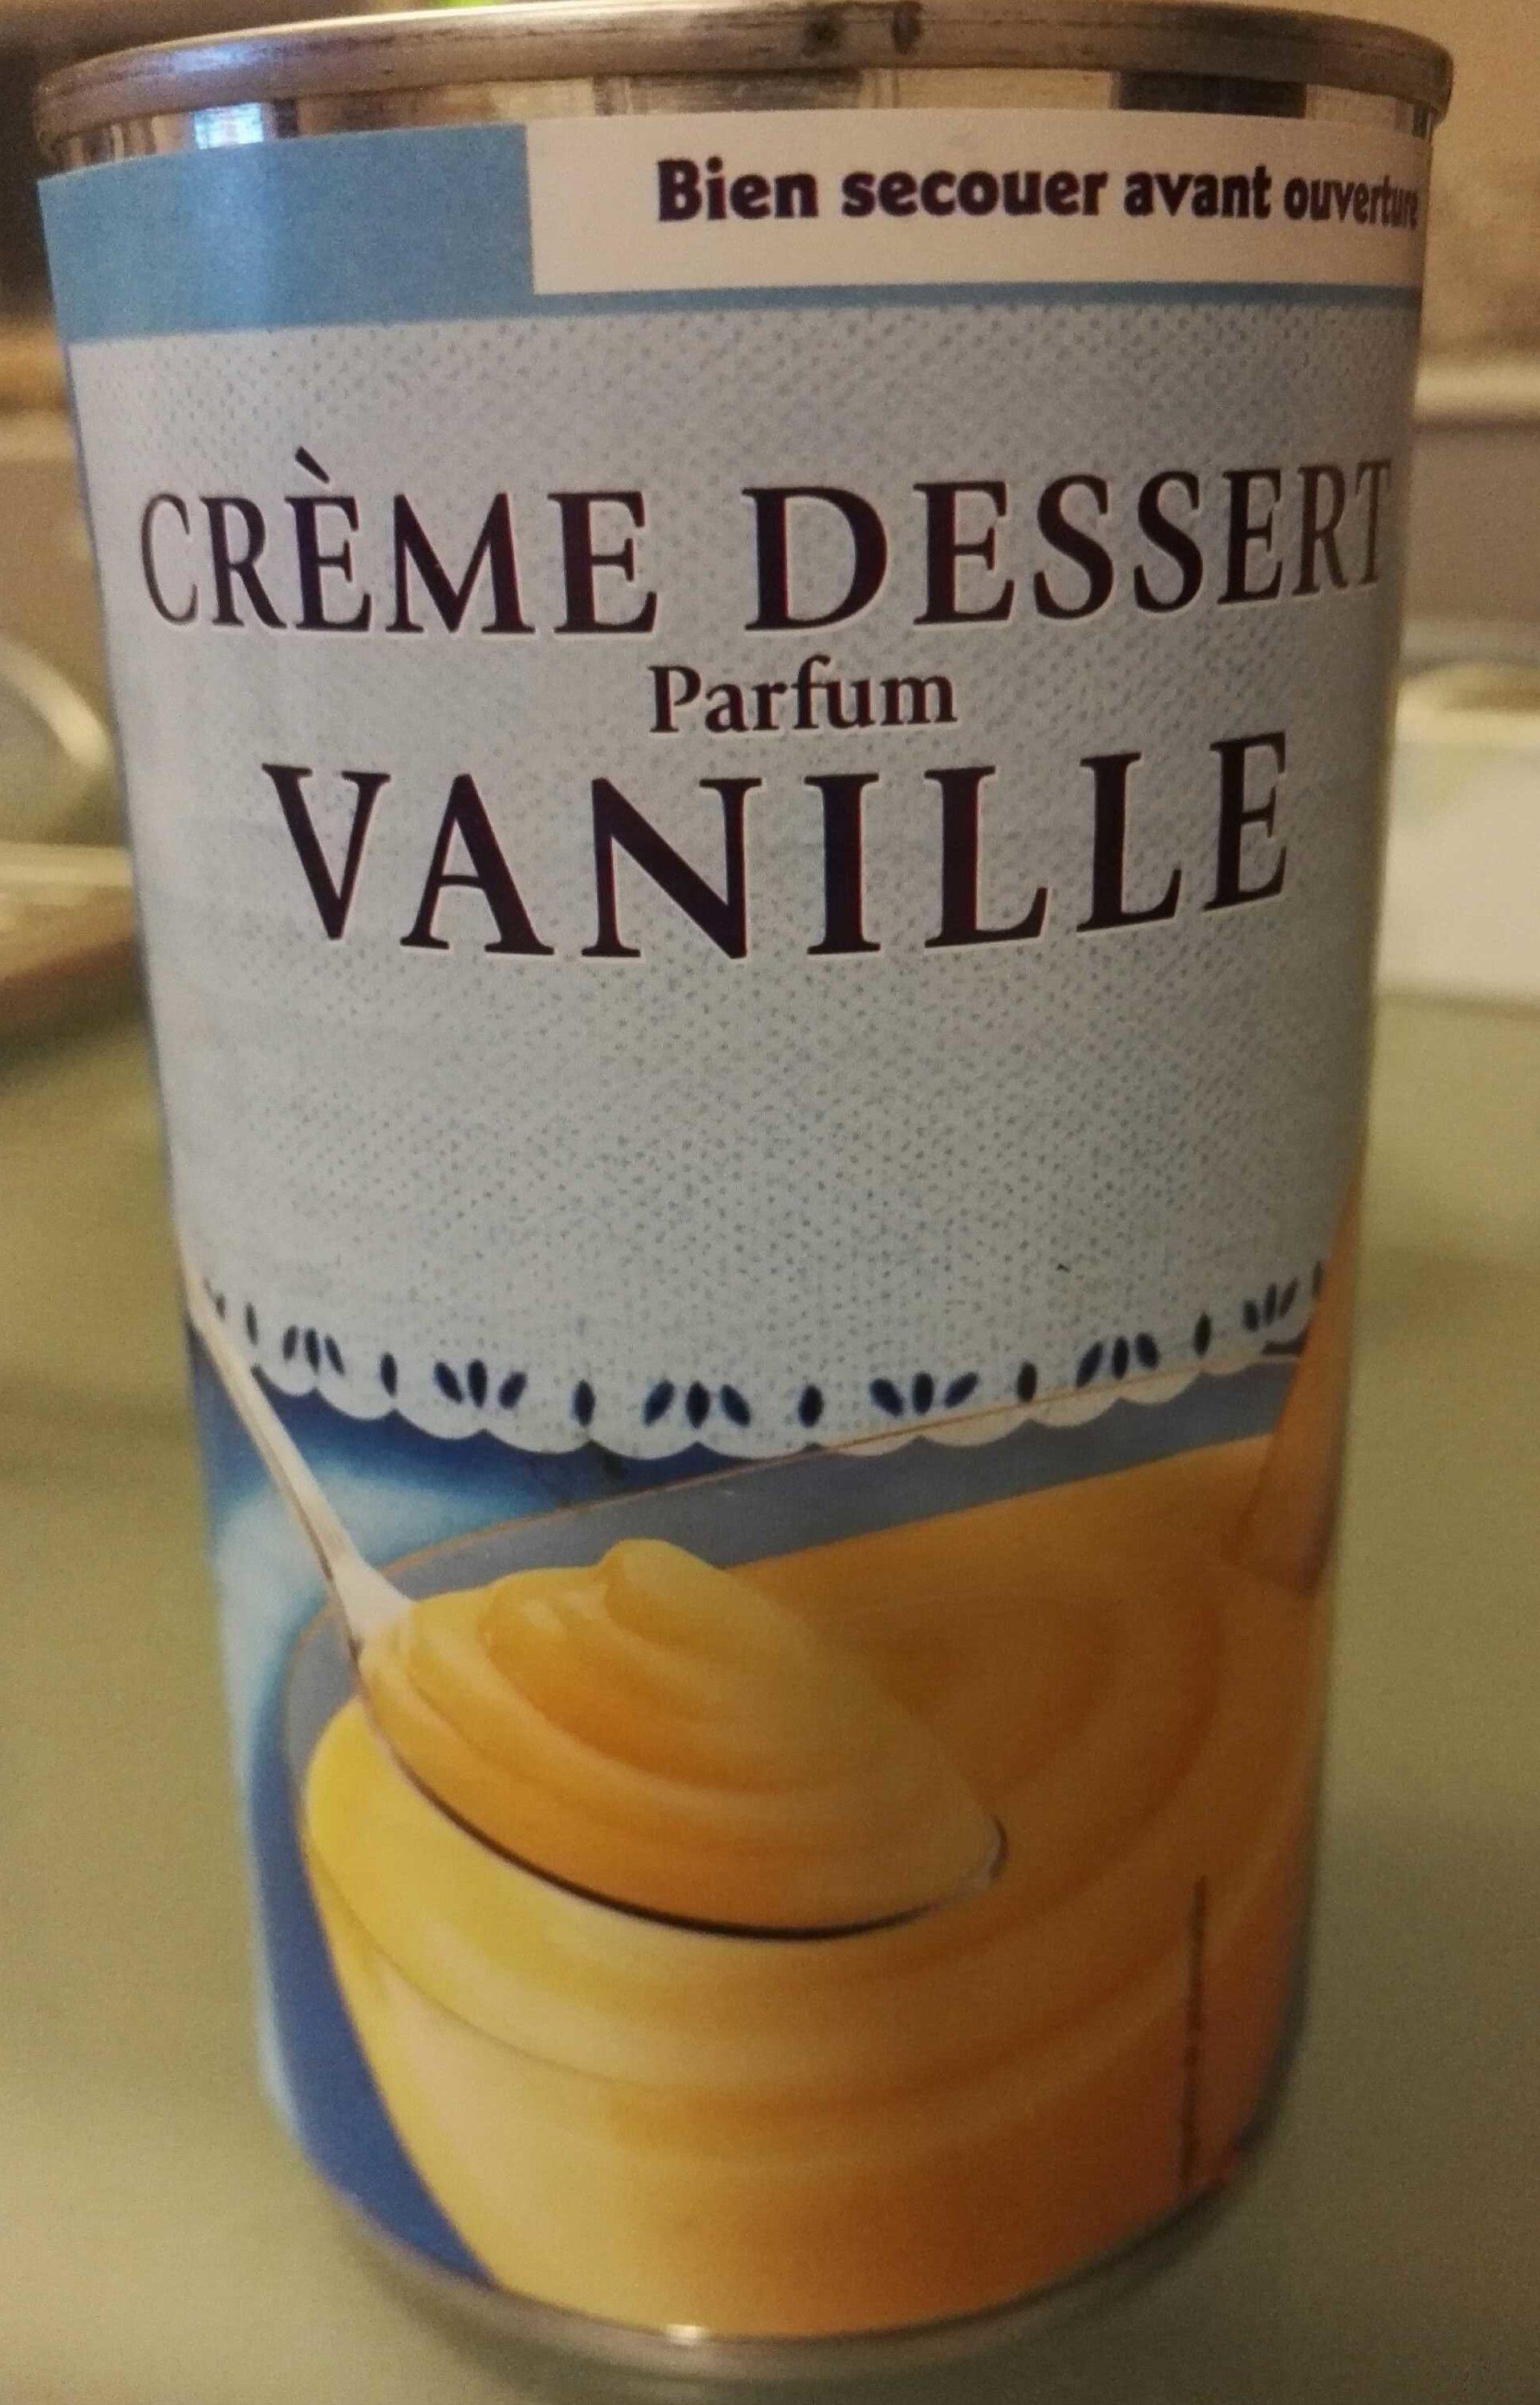 Crème dessert vanille - Product - fr